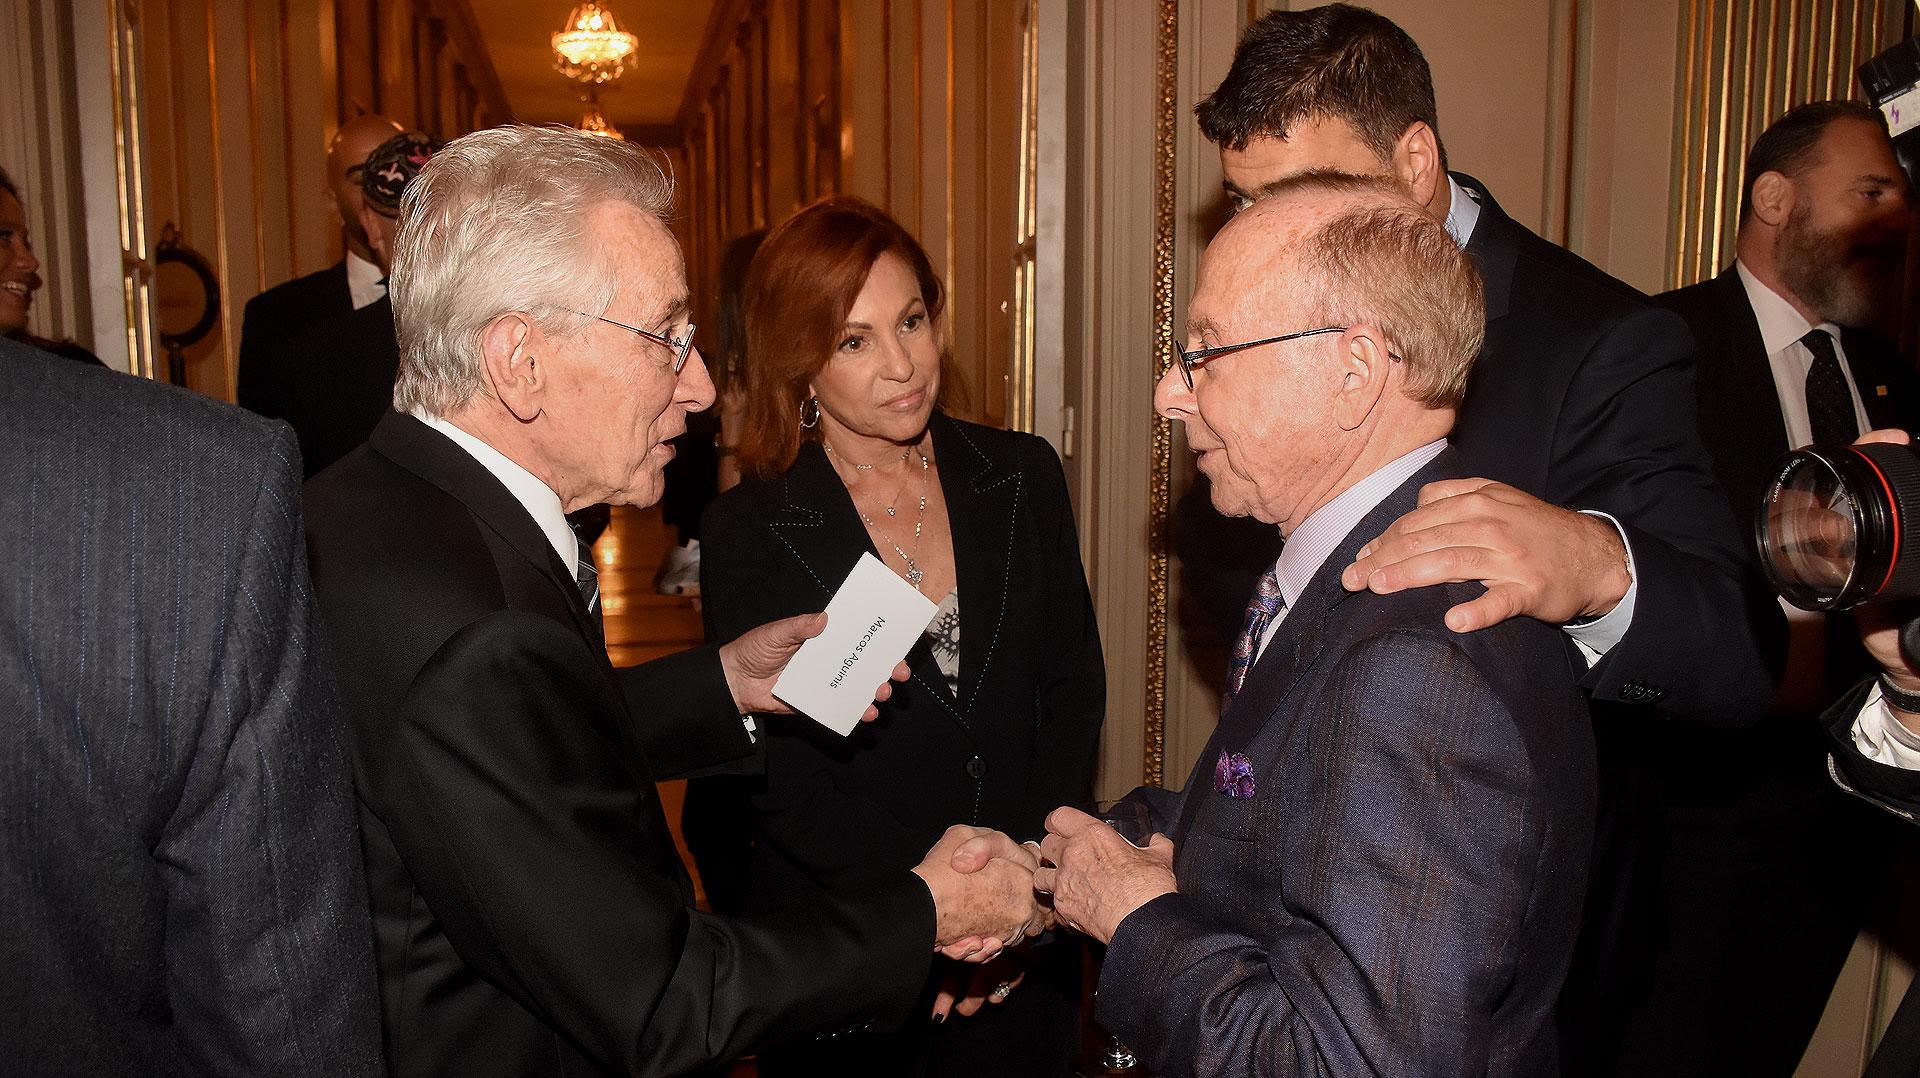 El escritor Marcos Aguinis y su mujer, Nora, saludan al presidente de ORT Mundial, Dr. Conrad Giles